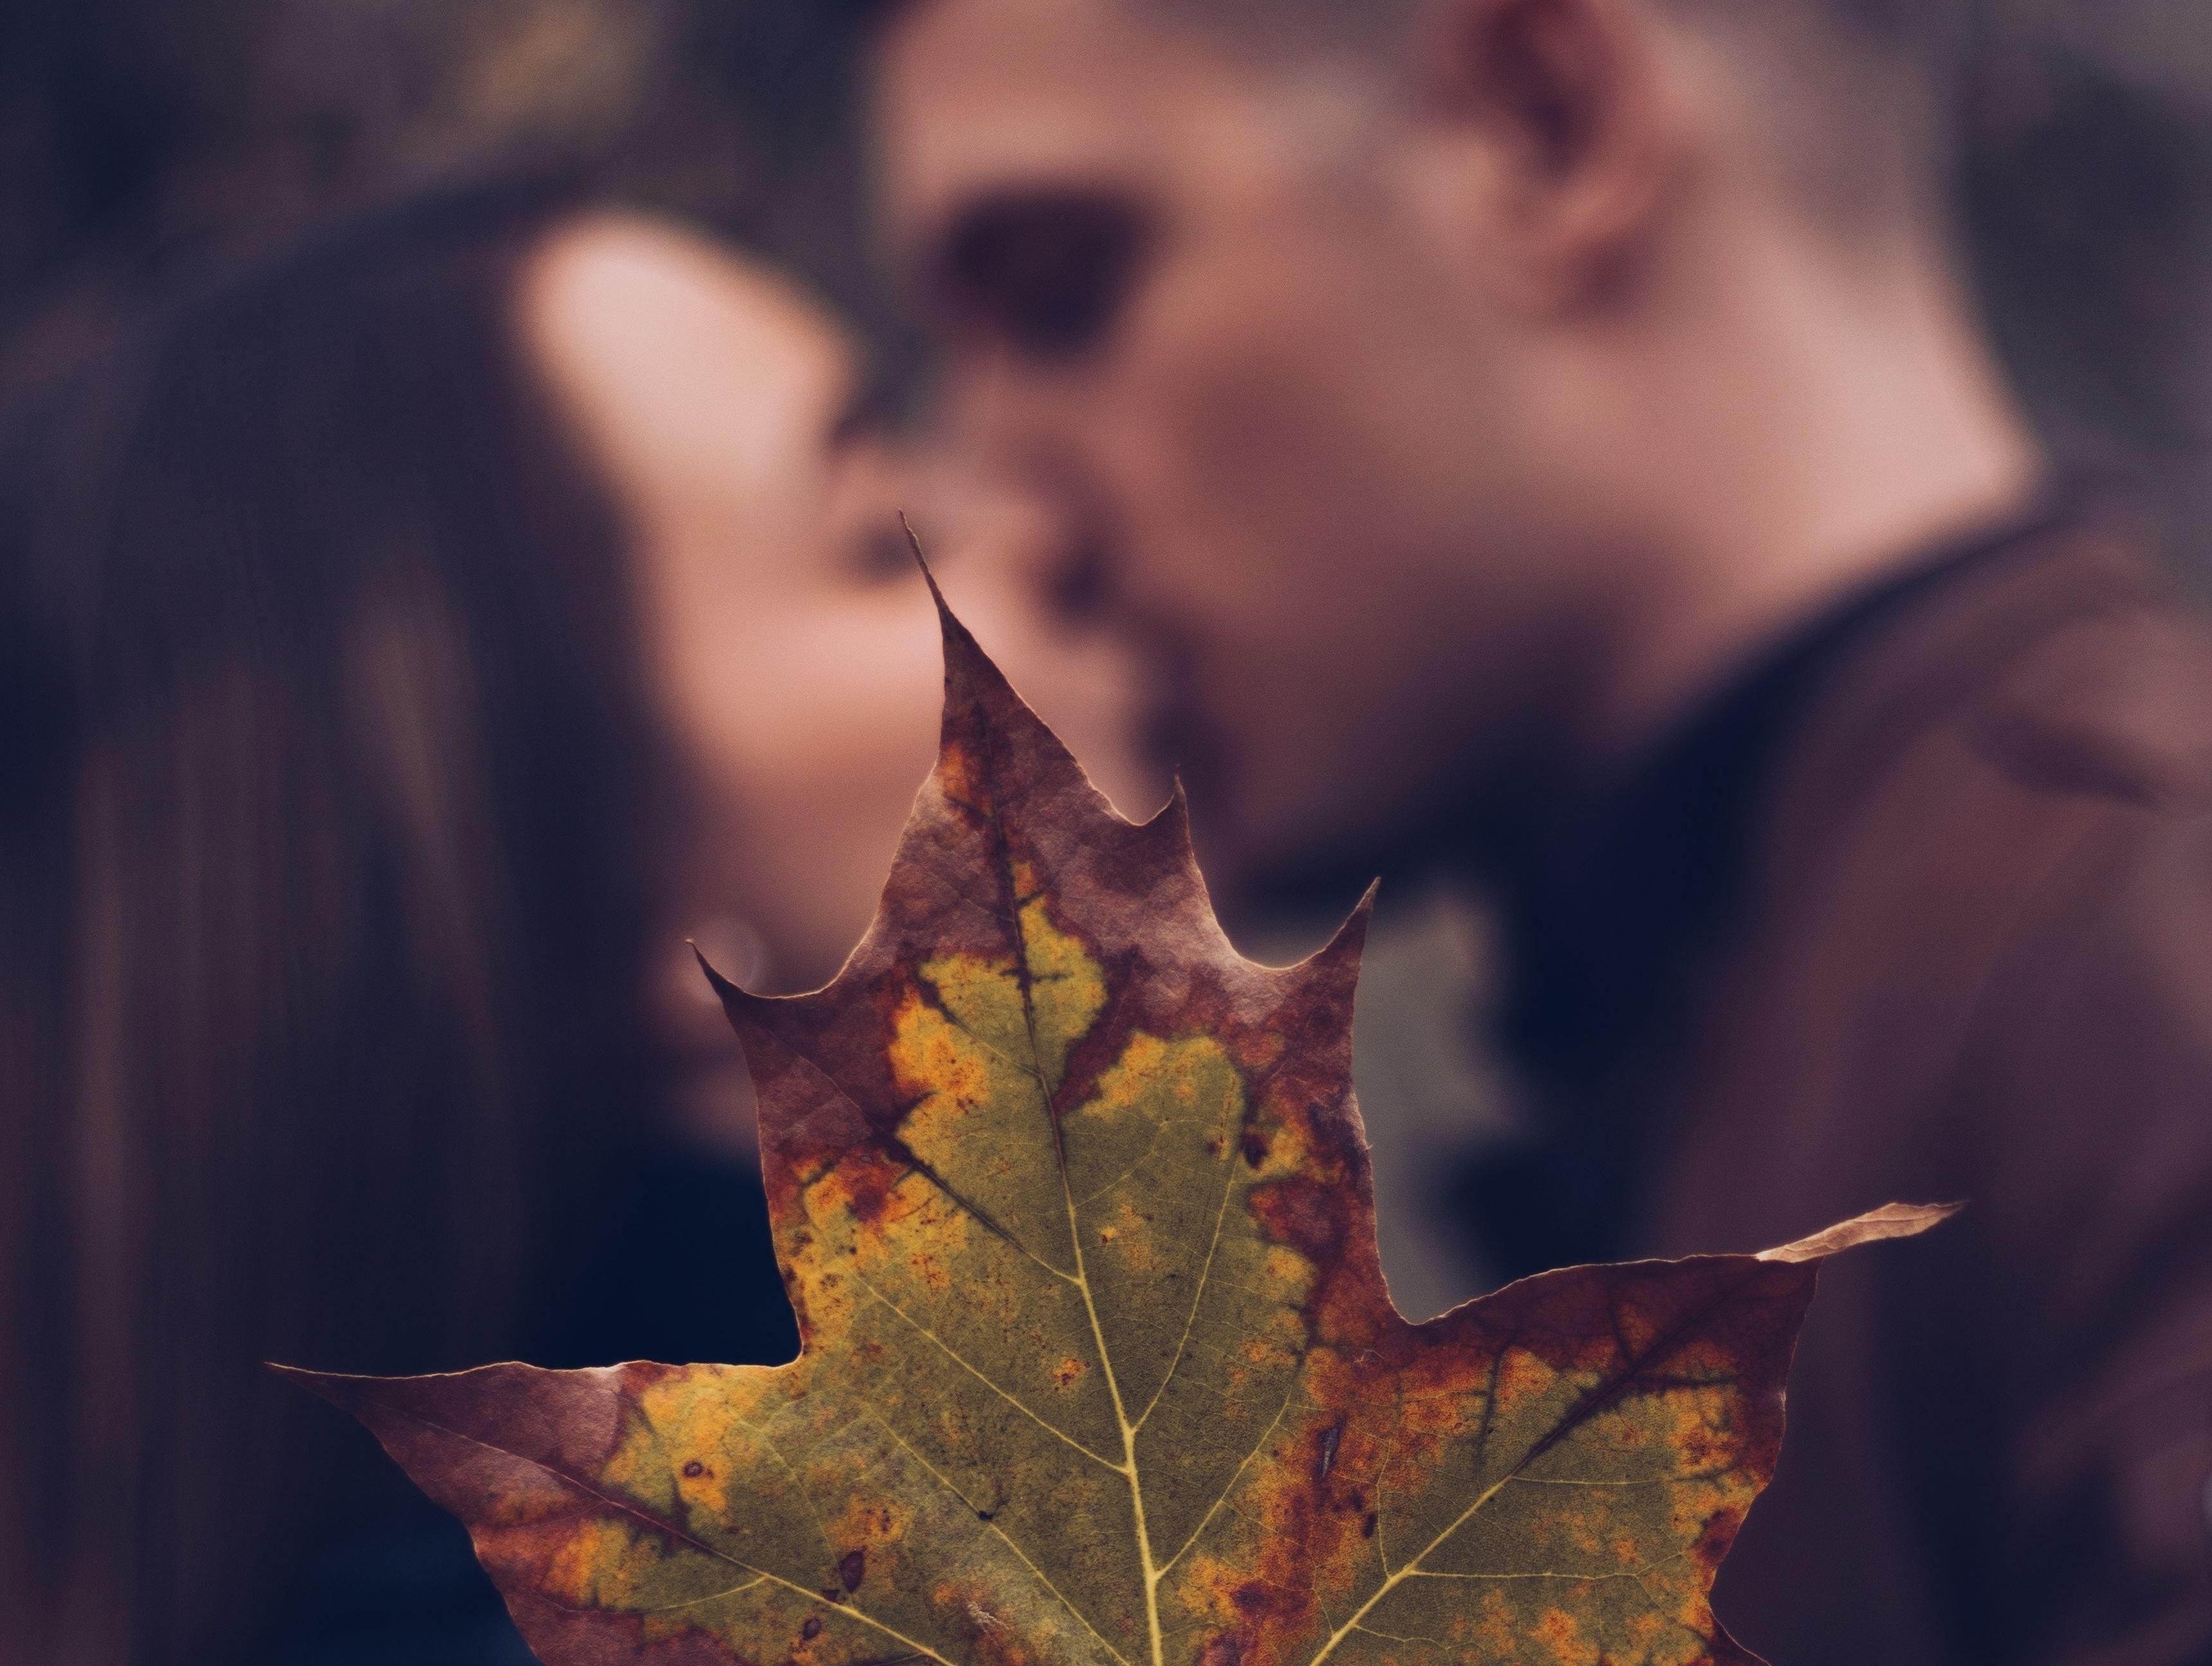 Любовный гороскоп на сентябрь для всех знаков Зодиака